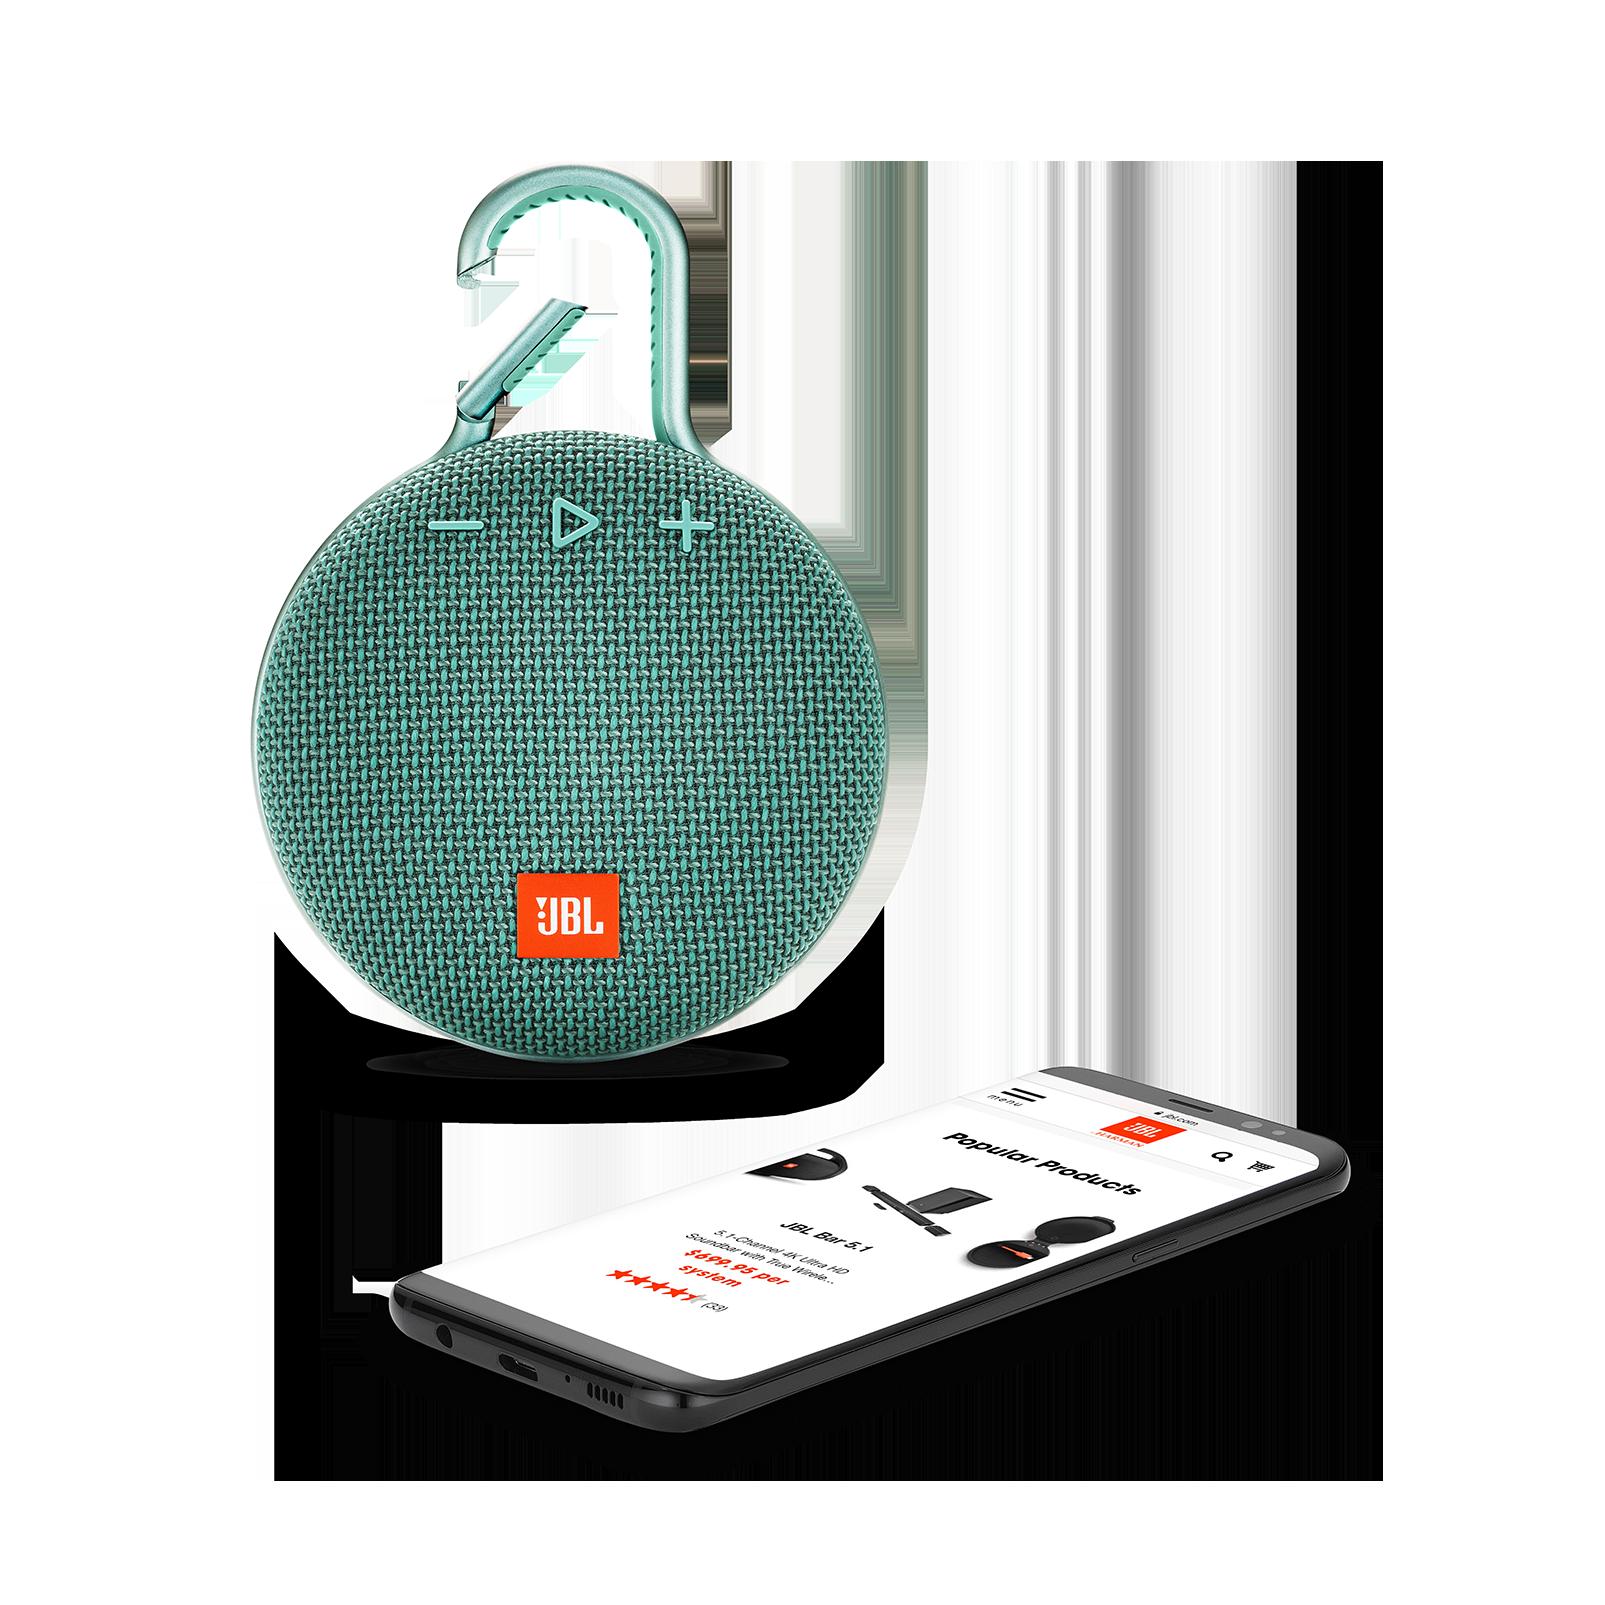 JBL CLIP 3 - River Teal - Portable Bluetooth® speaker - Detailshot 1